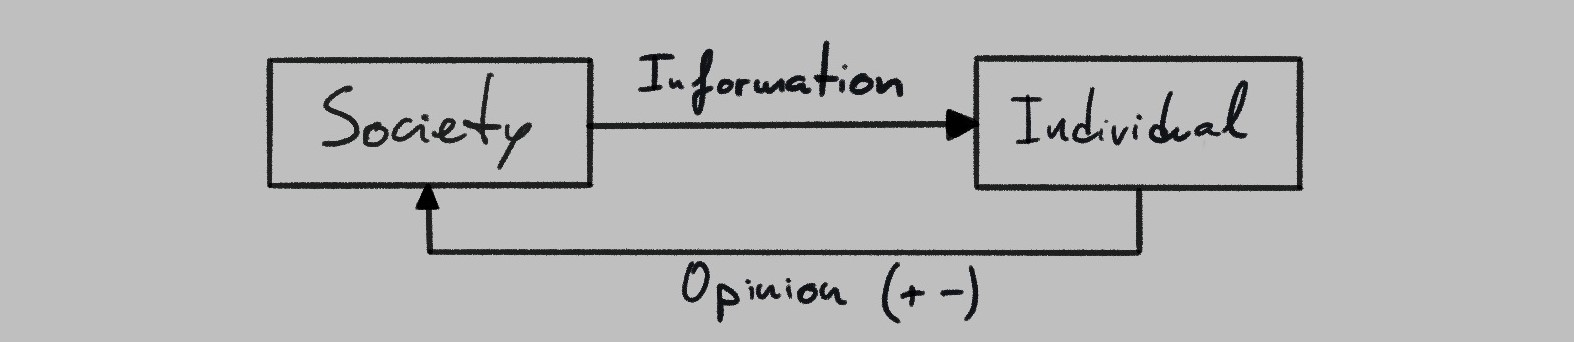 society-individual feedback loop